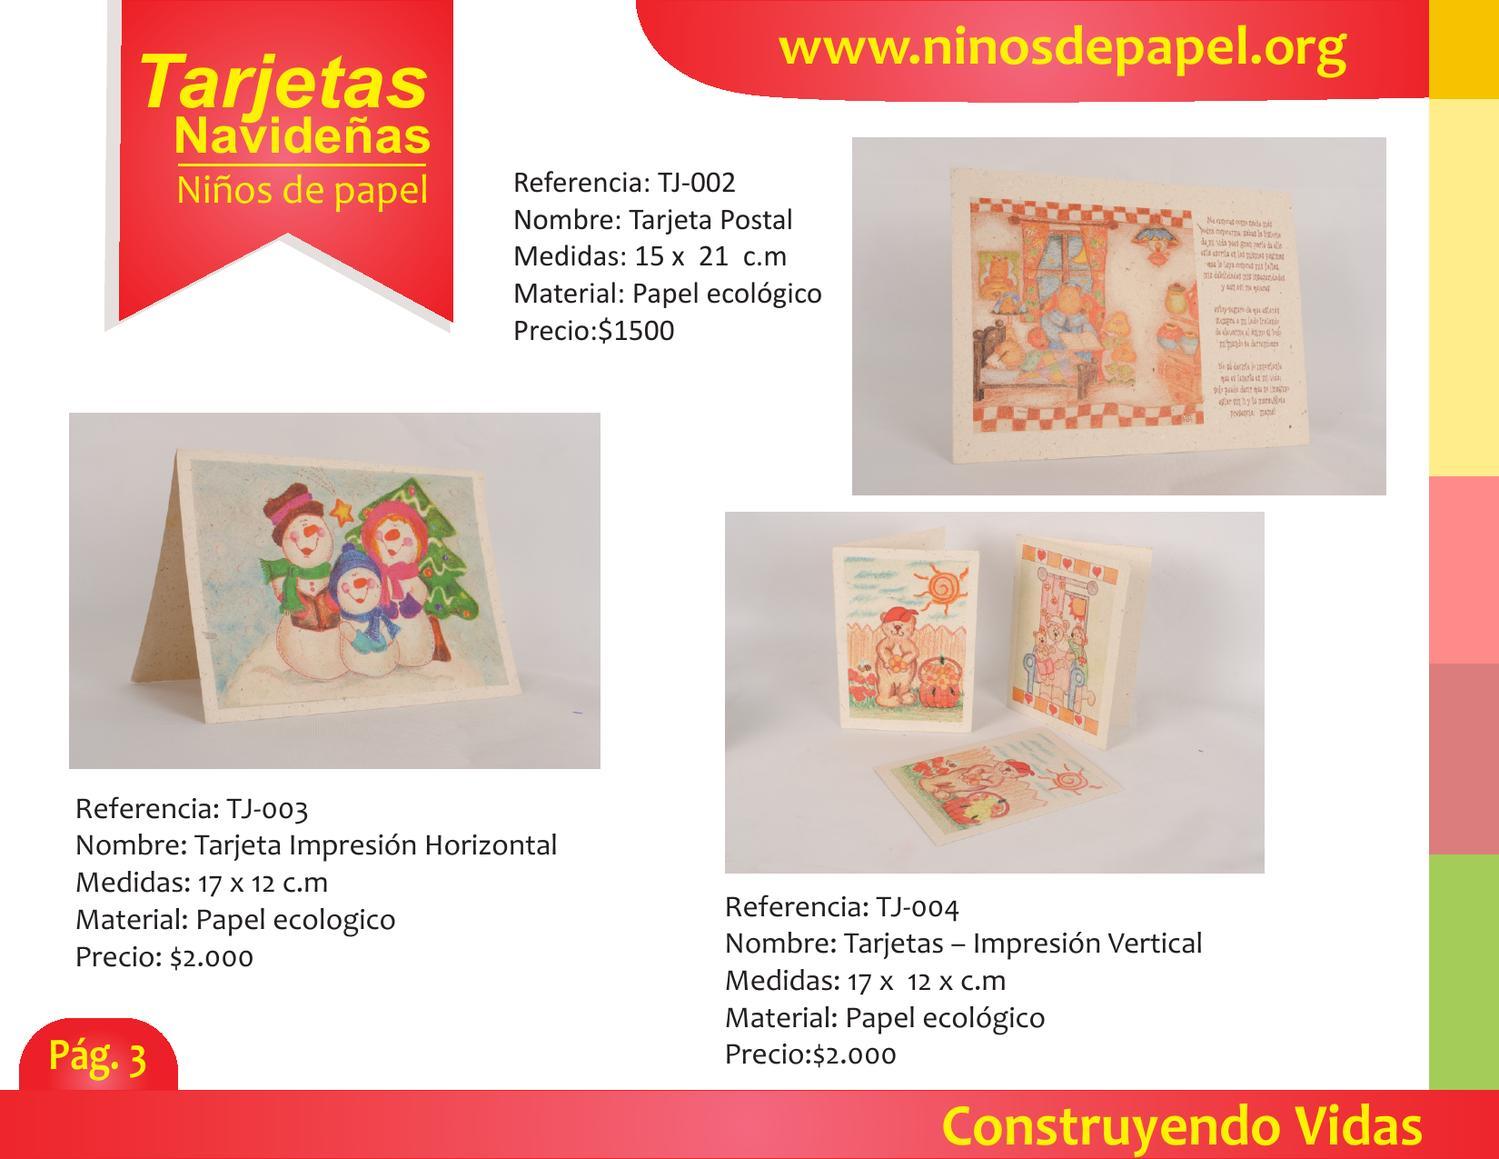 Catalogo Ninos De Papel Colombia By Ninos De Papel Issuu